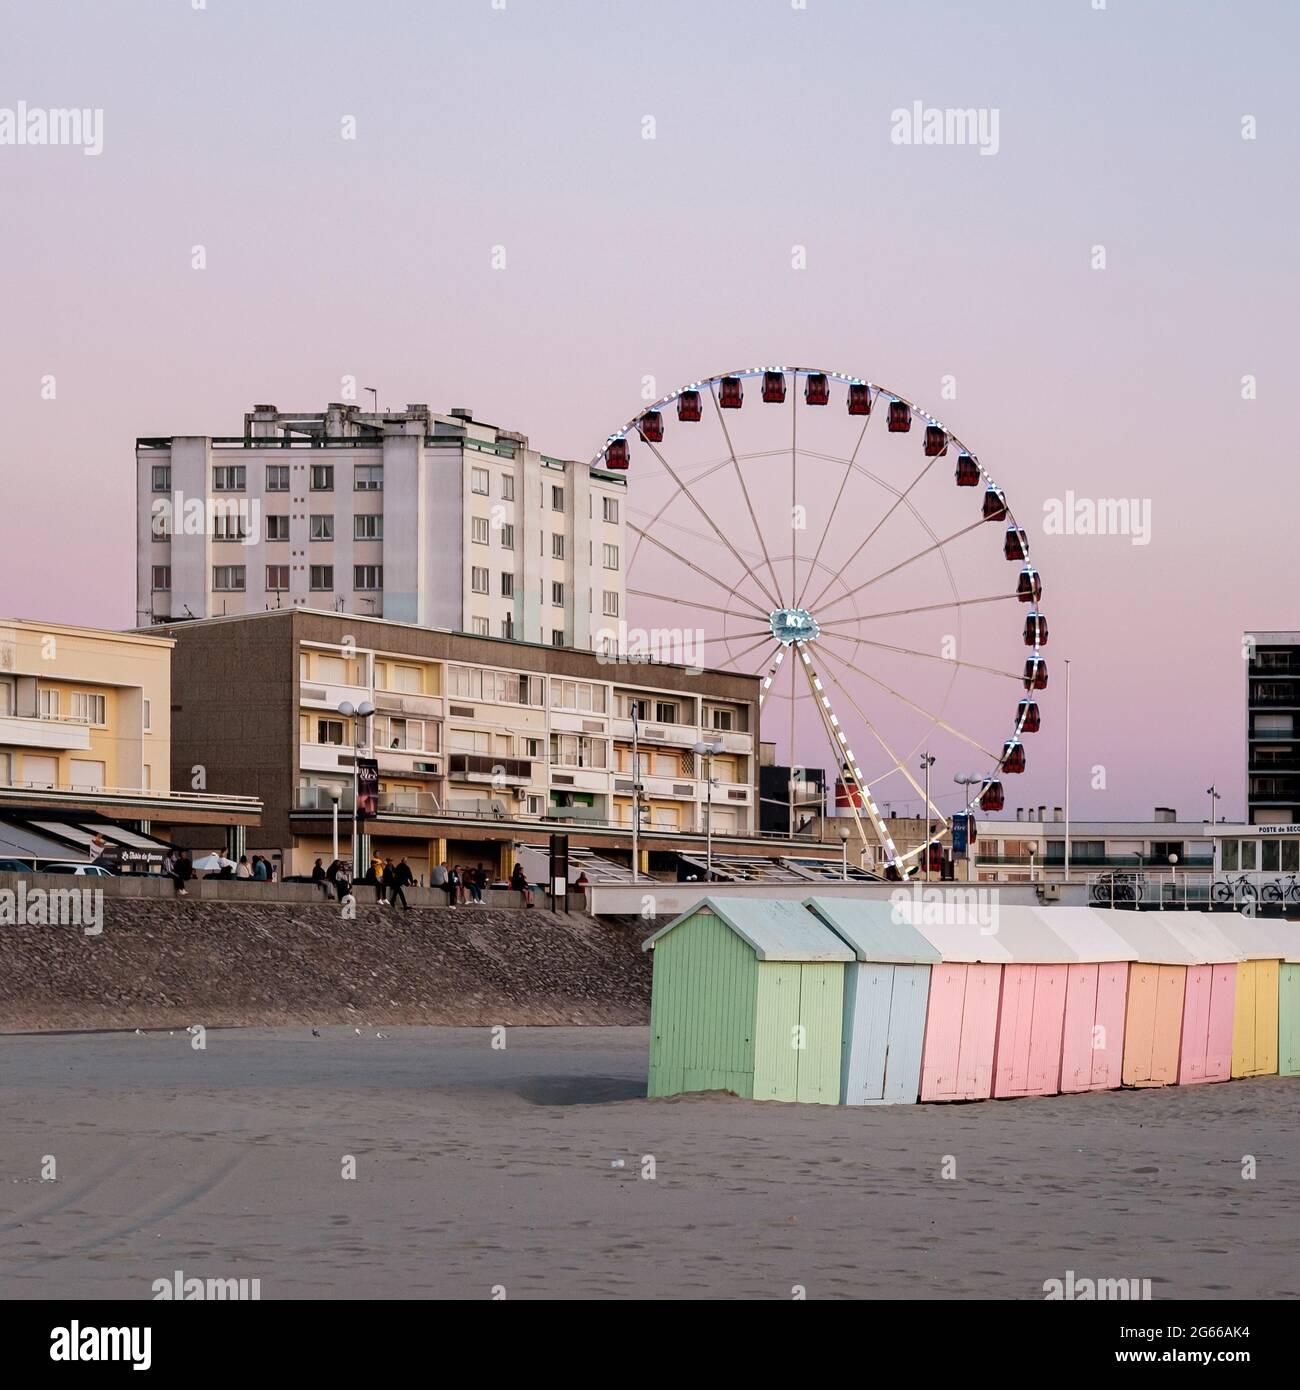 Cabines de plage aux couleurs pastel et roue géante sur la plage De Berck en France Banque D'Images